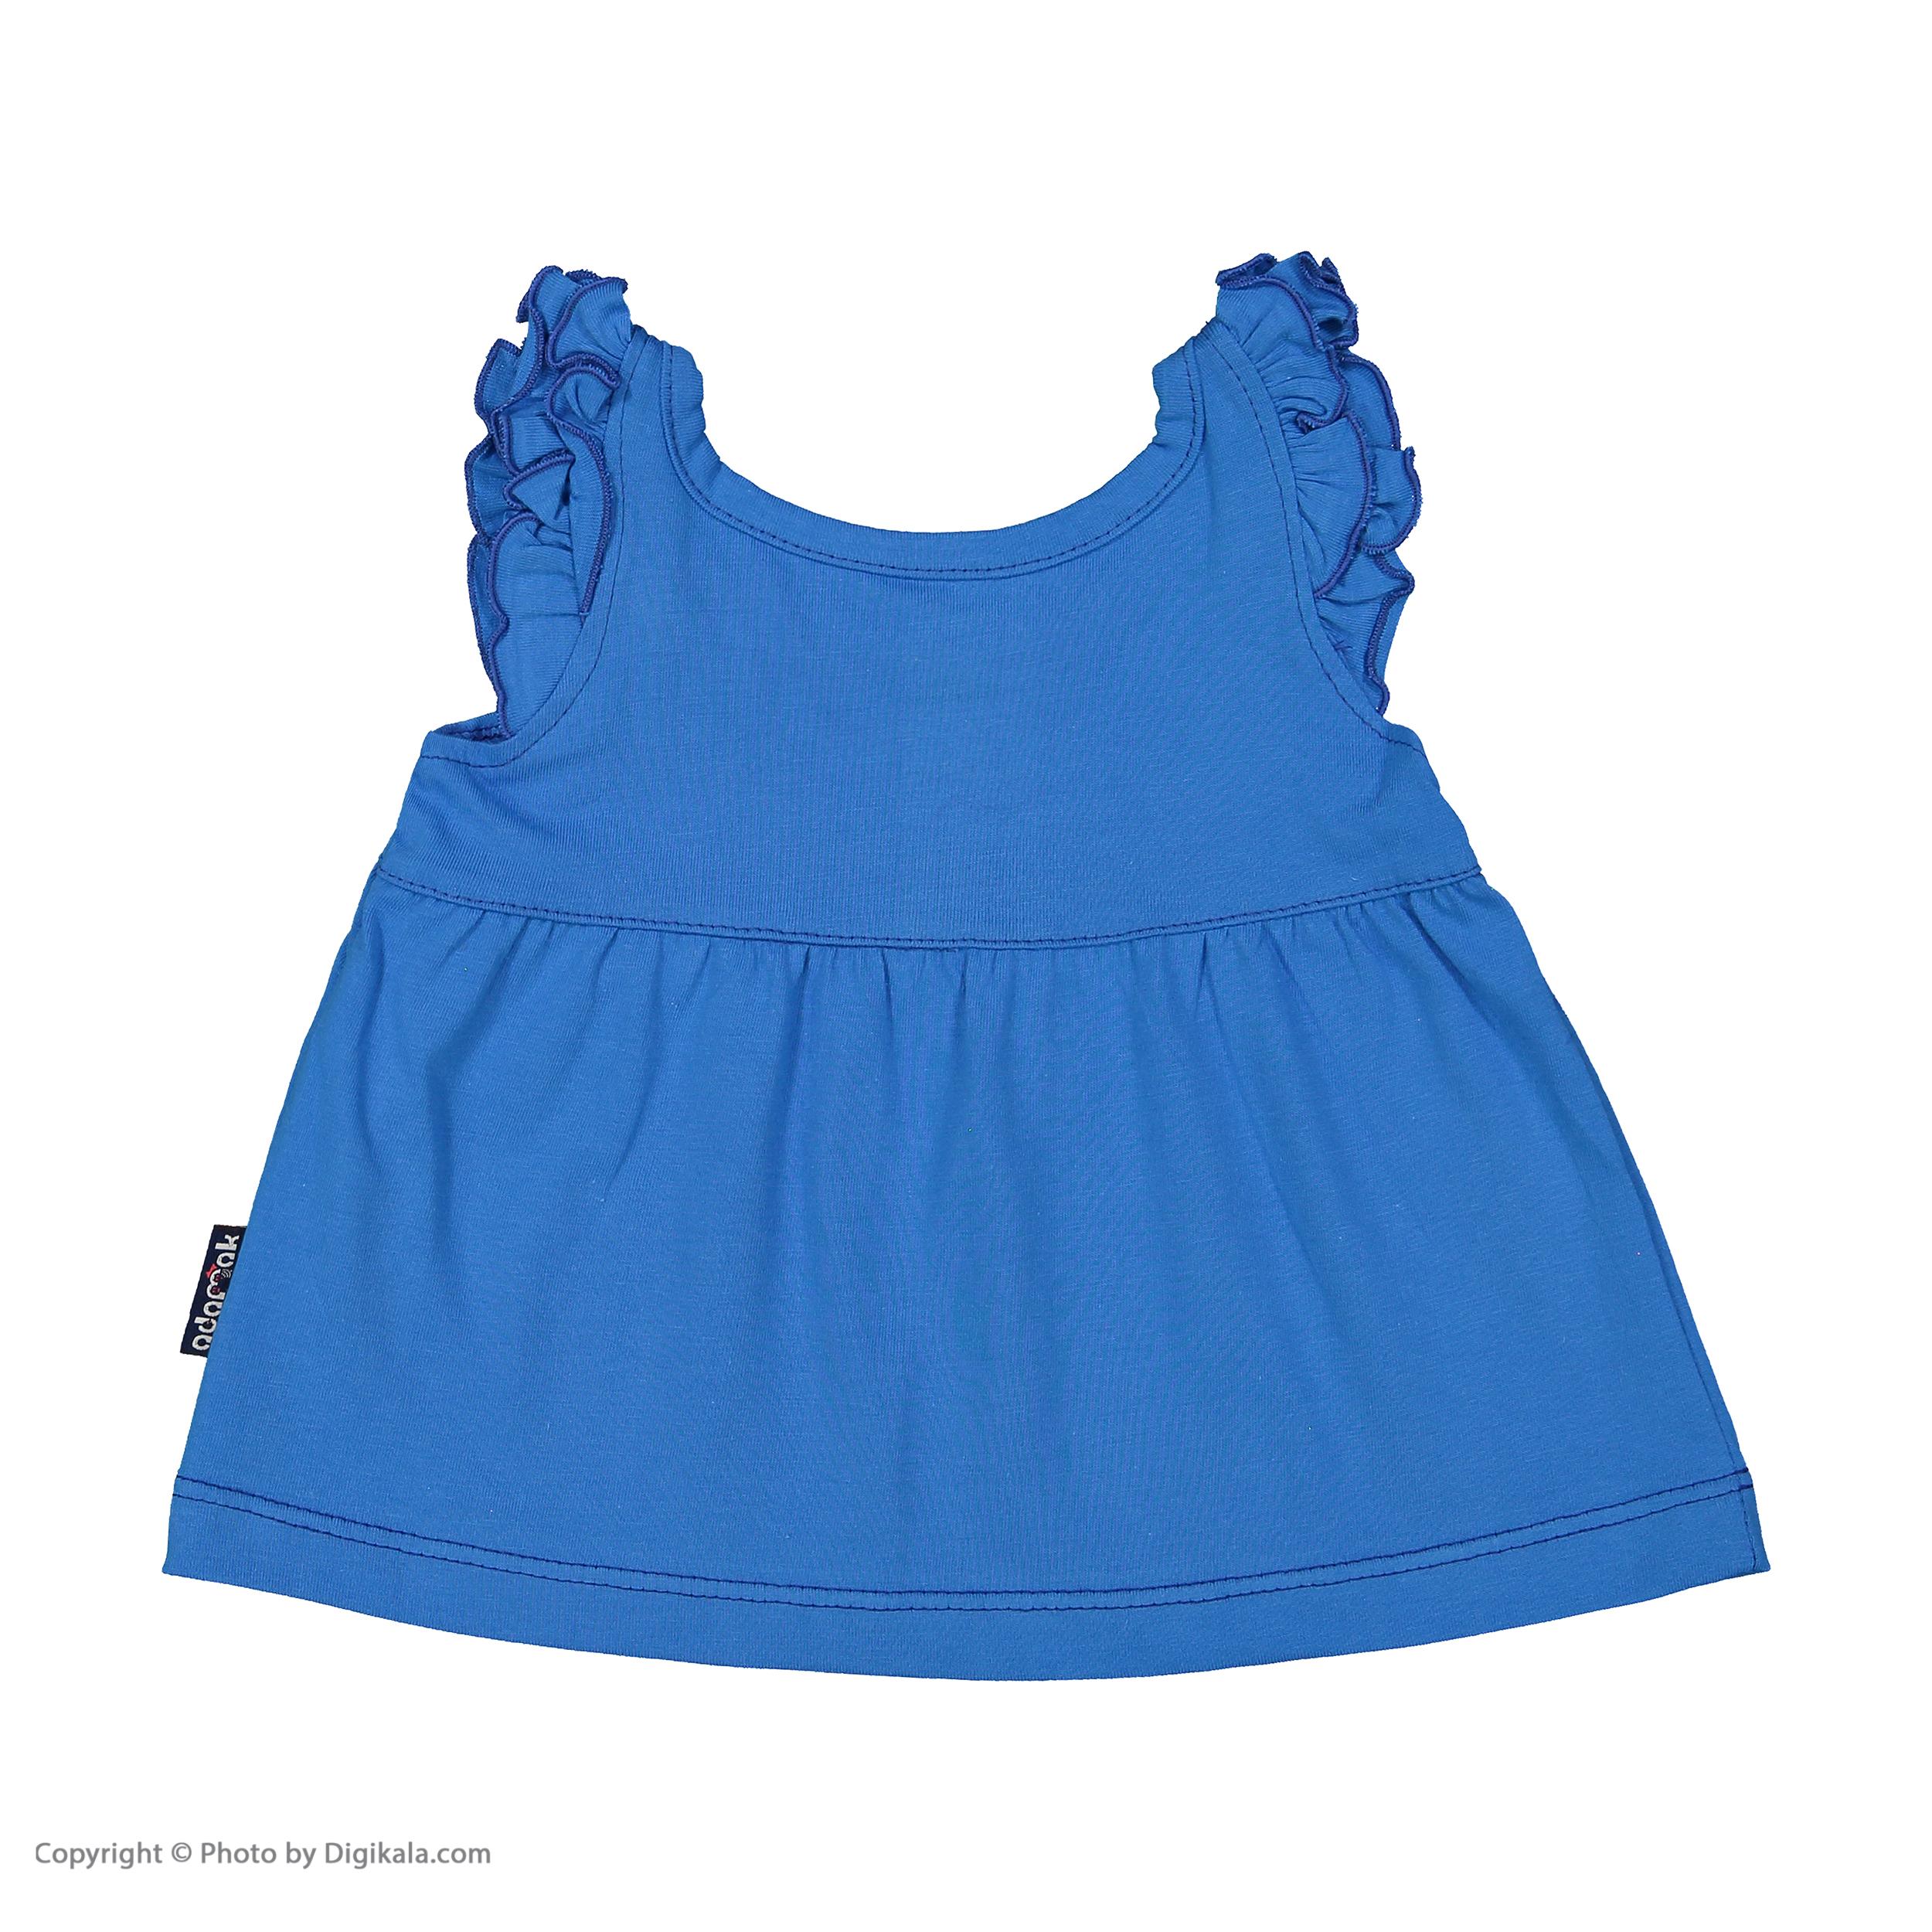 ست پیراهن و شورت نوزادی دخترانه مدل 2171111-58 -  - 6